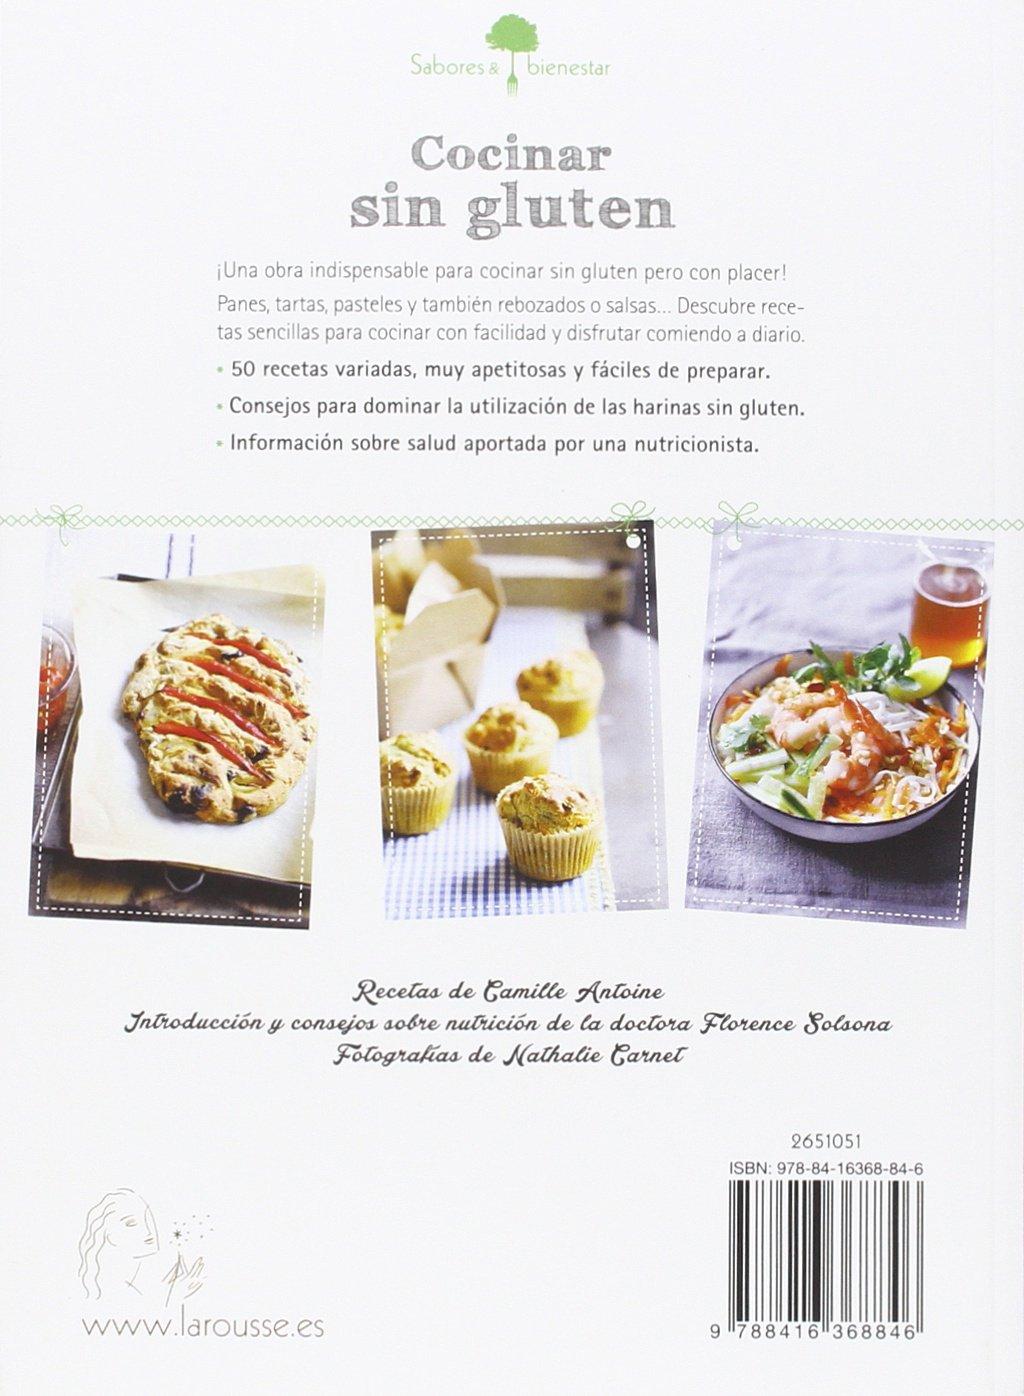 Sabores & Bienestar: Cocinar sin gluten Larousse - Libros ...